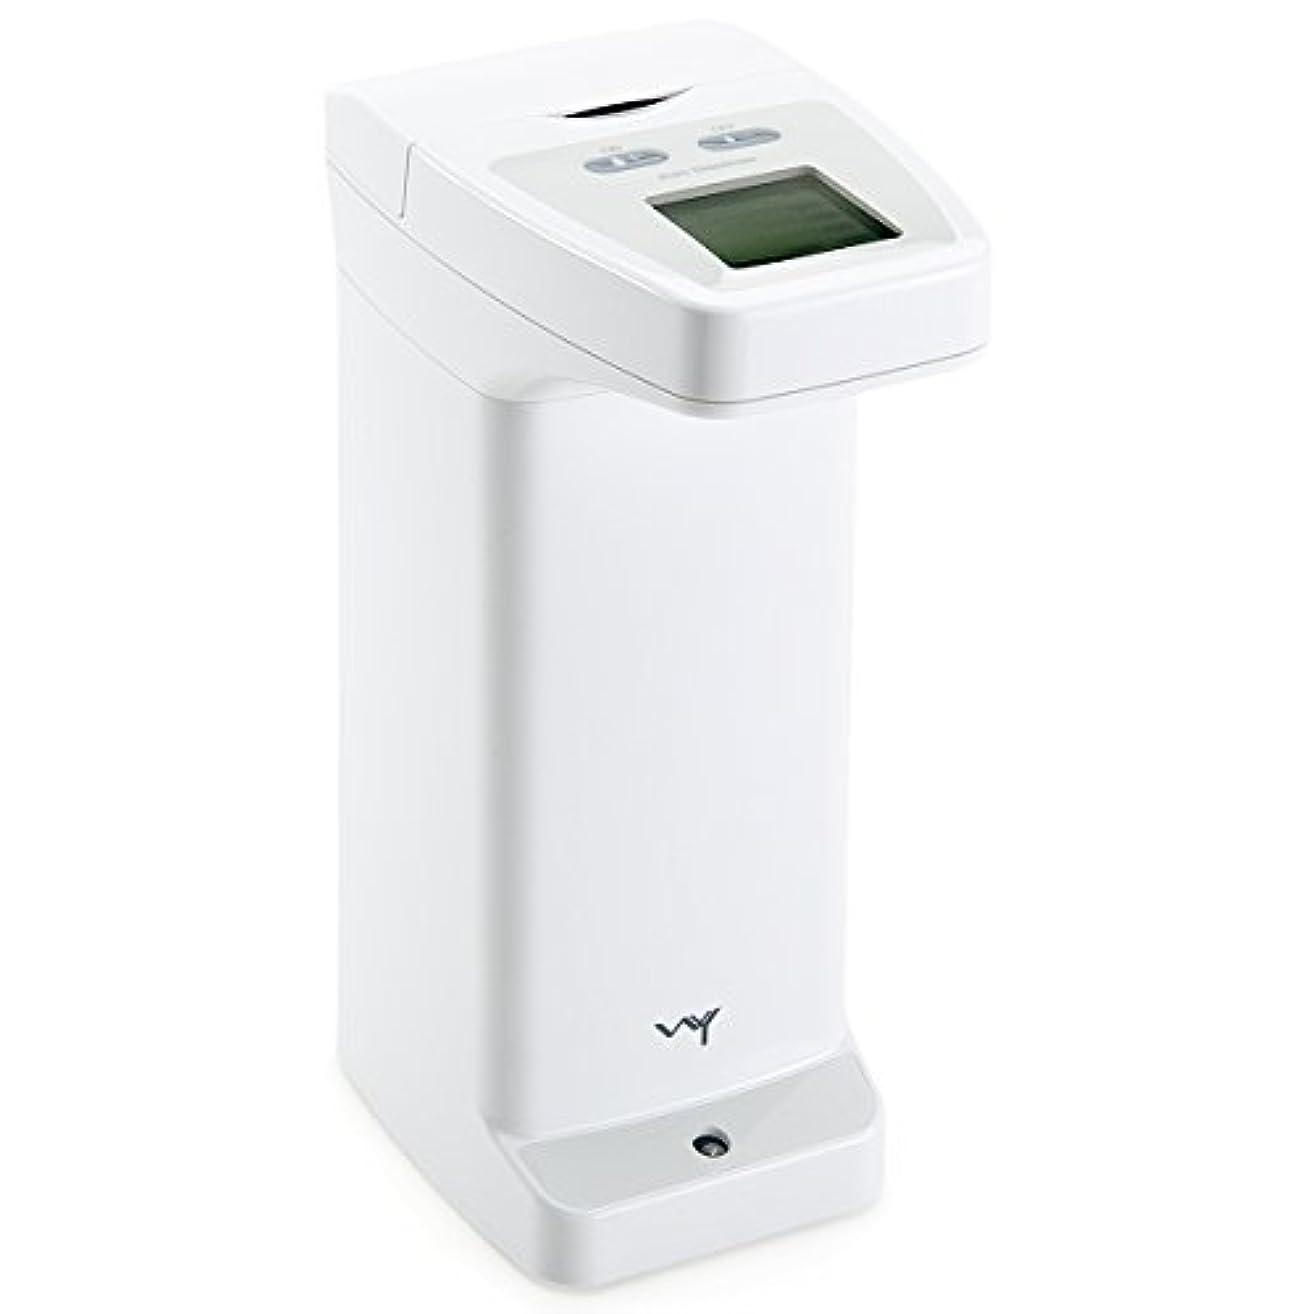 喜ぶ気取らない肺炎WY 自動センサーディスペンサー 洗剤 ハンドソープ アルコール用 ソープディスペンサー 防滴 液晶付き WY-HM012